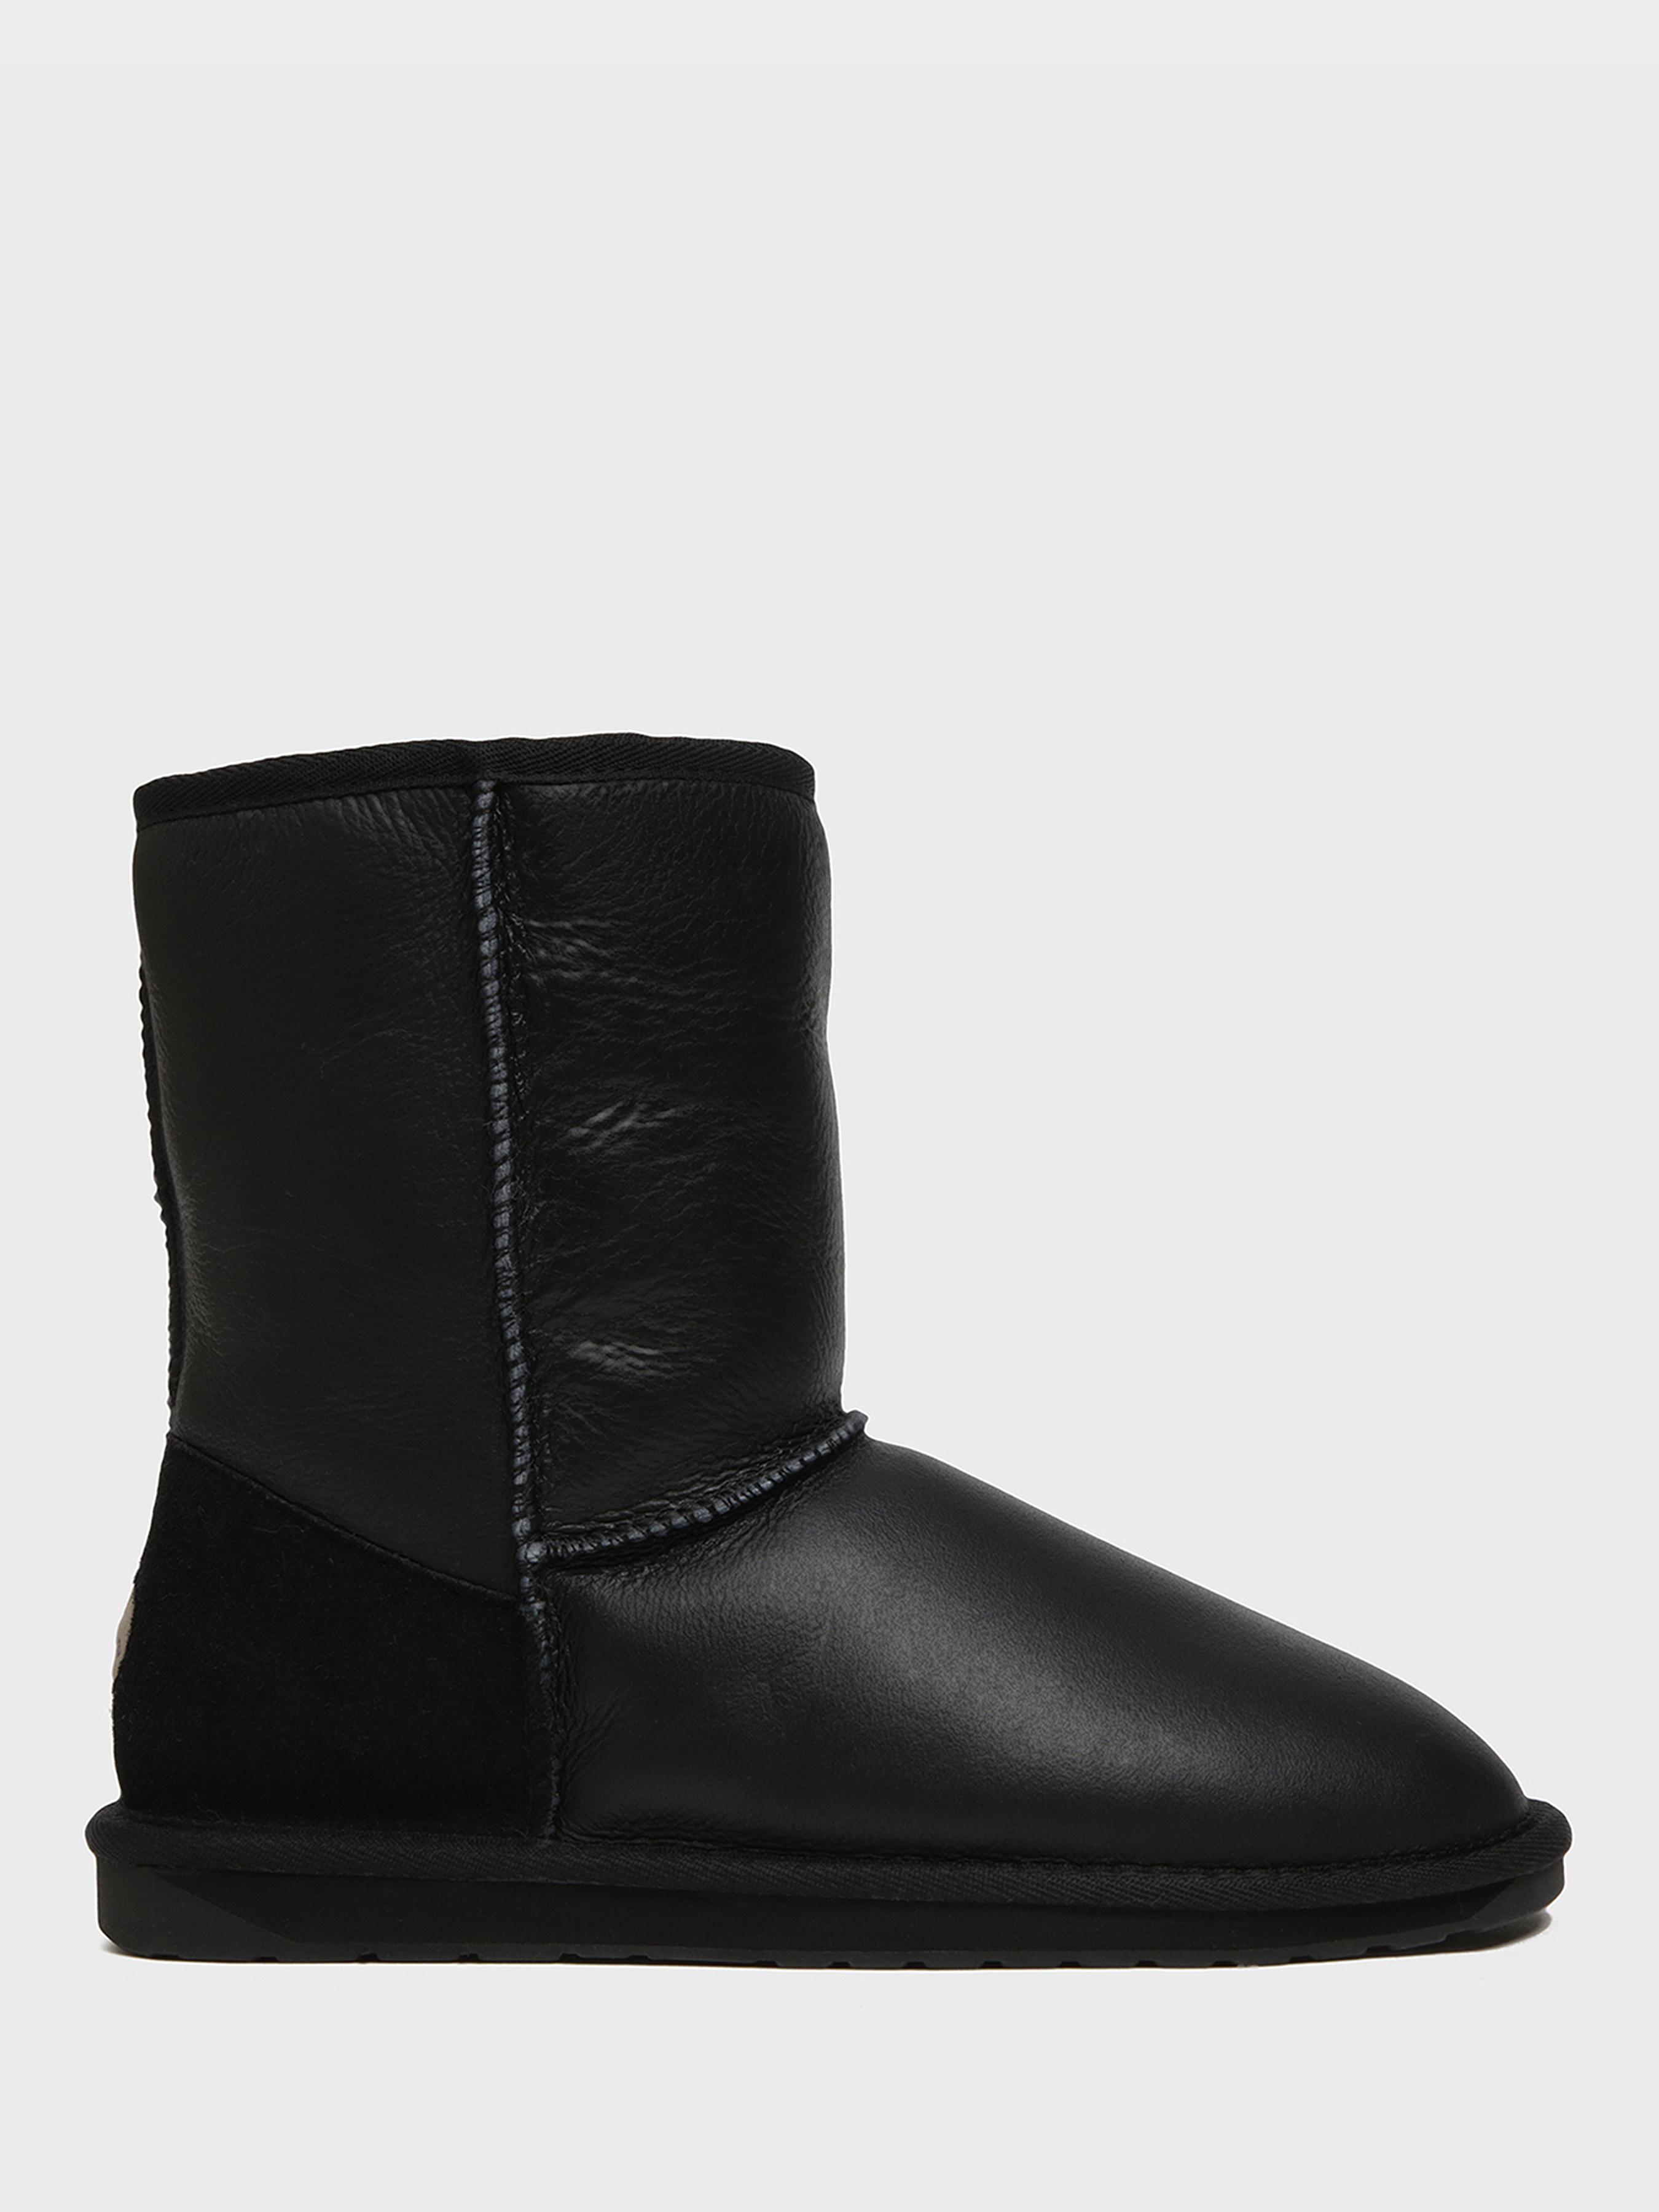 Ботинки женские EMU YK63 цена обуви, 2017